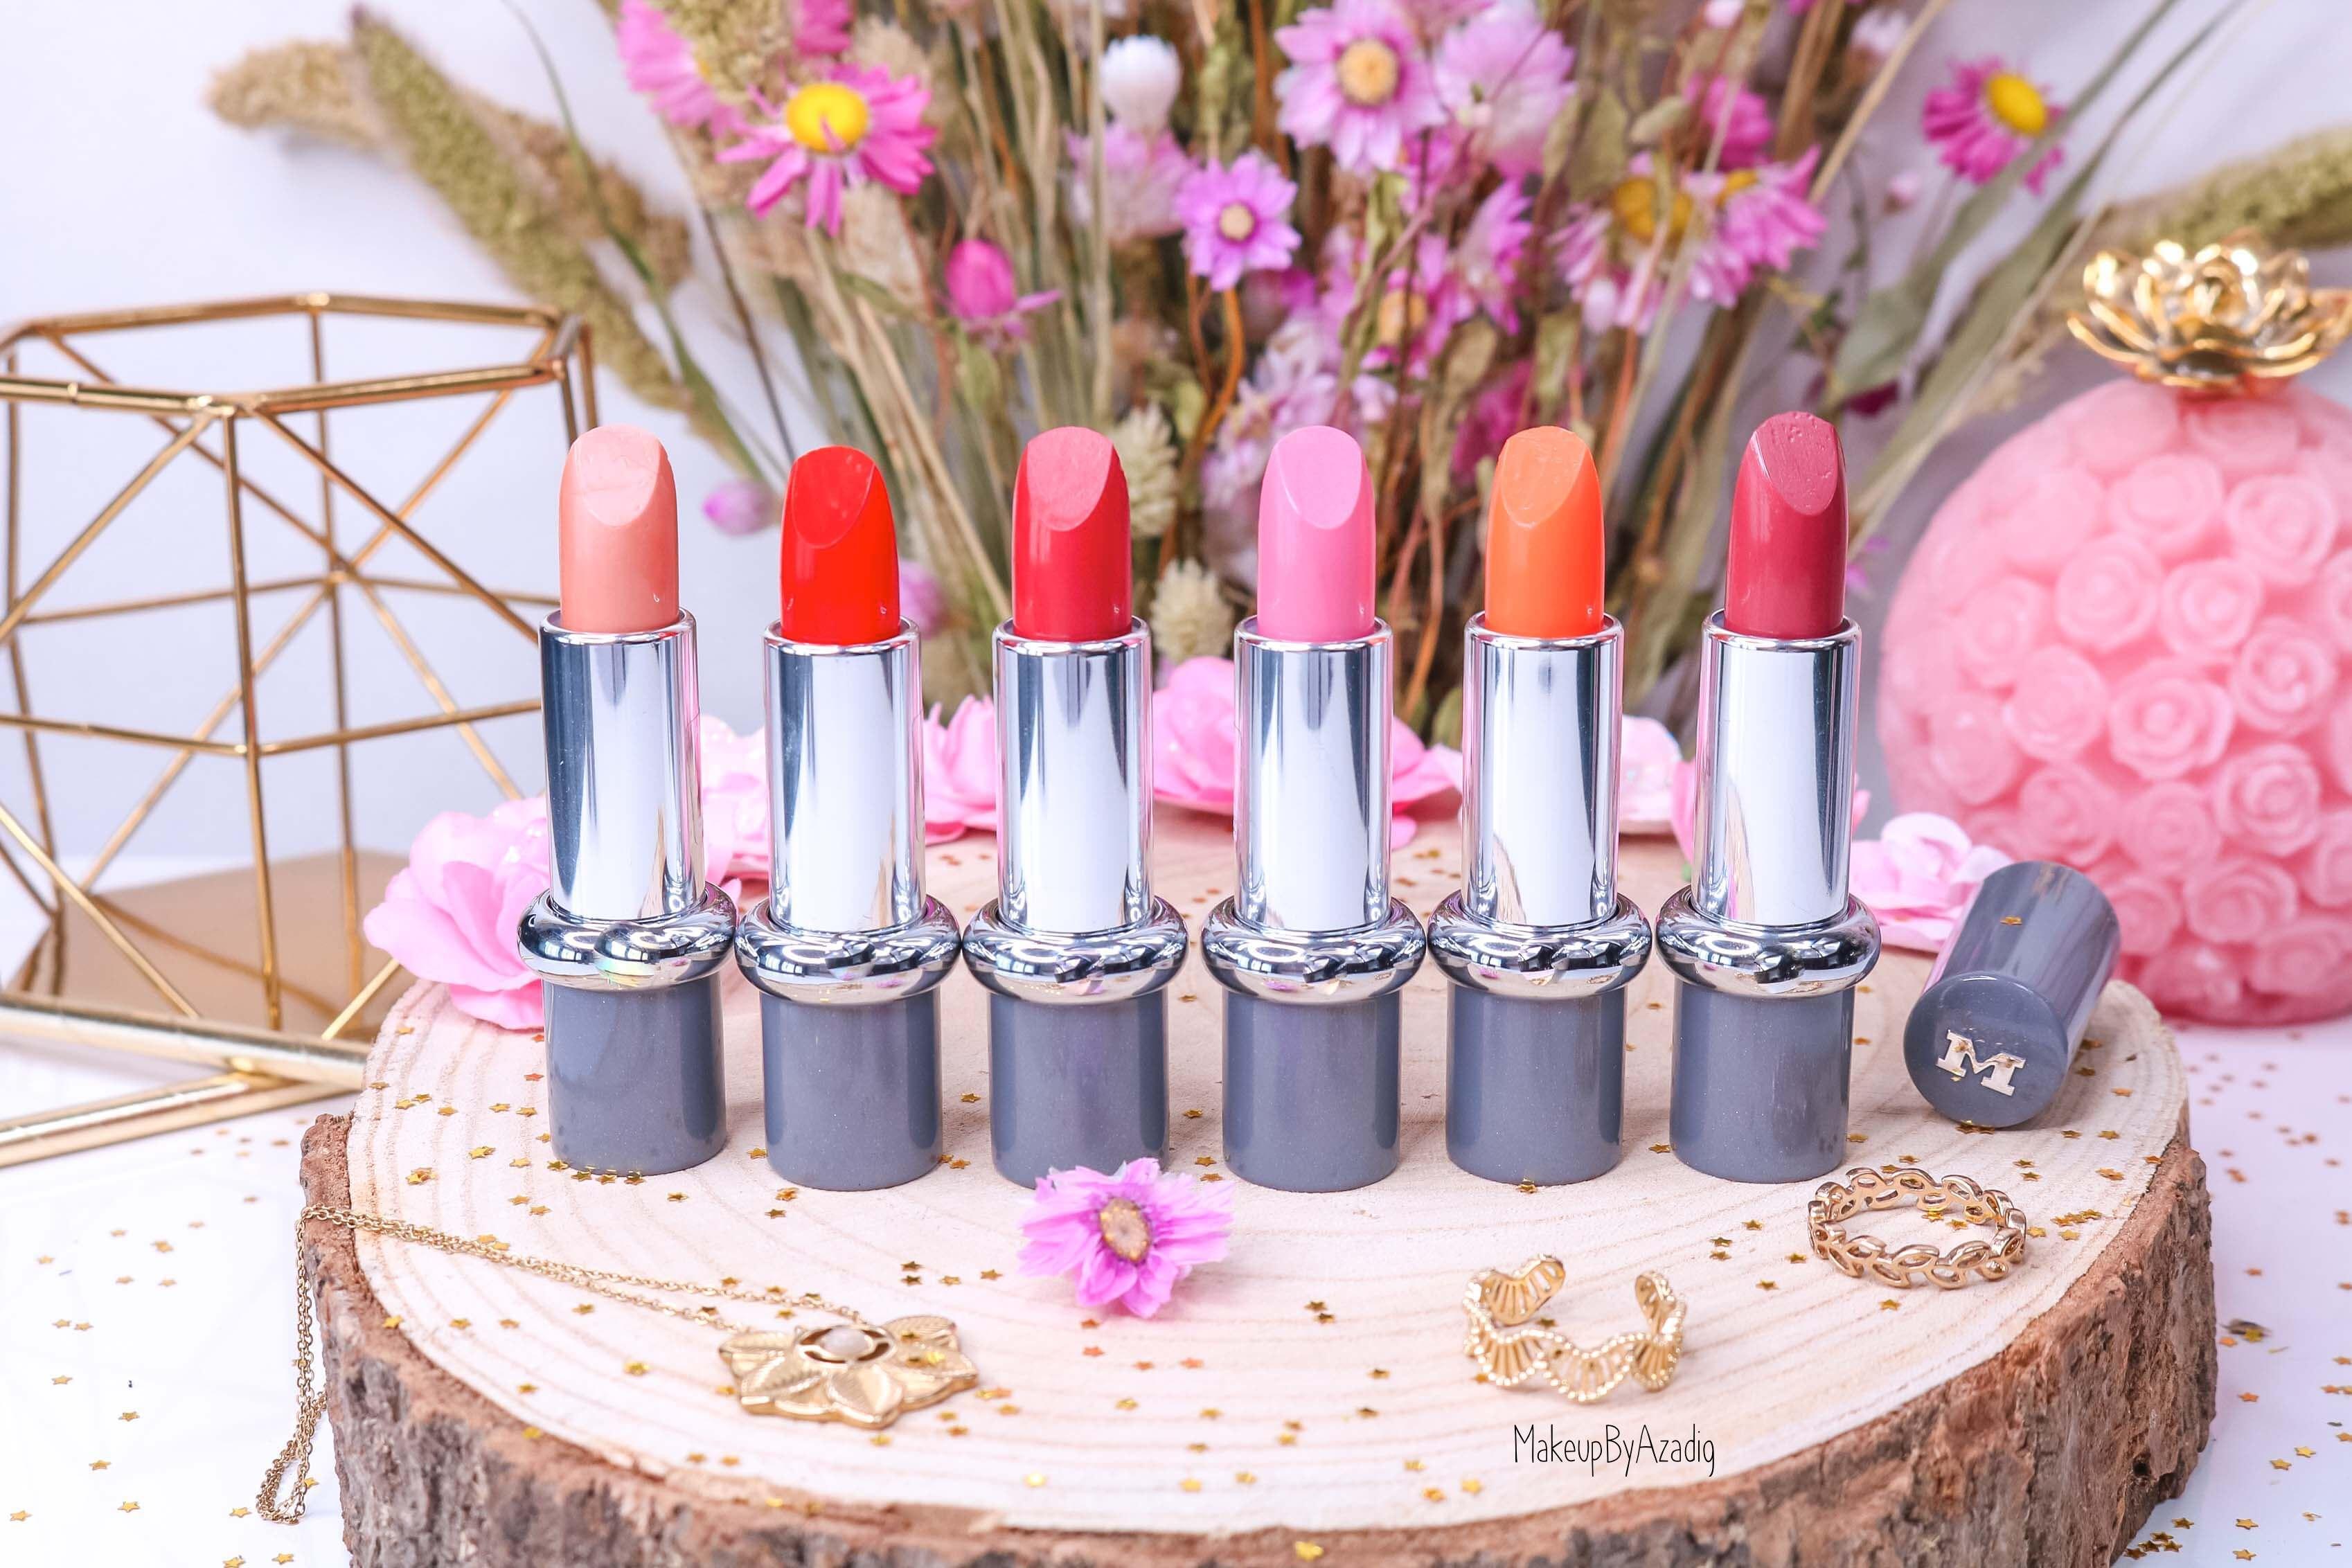 revue-rouge-a-levres-mavala-collection-sunlight-tendance-printemps-ete-2019-2020-monoprix-paris-makeupbyazadig-avis-prix-swatch-lipstick